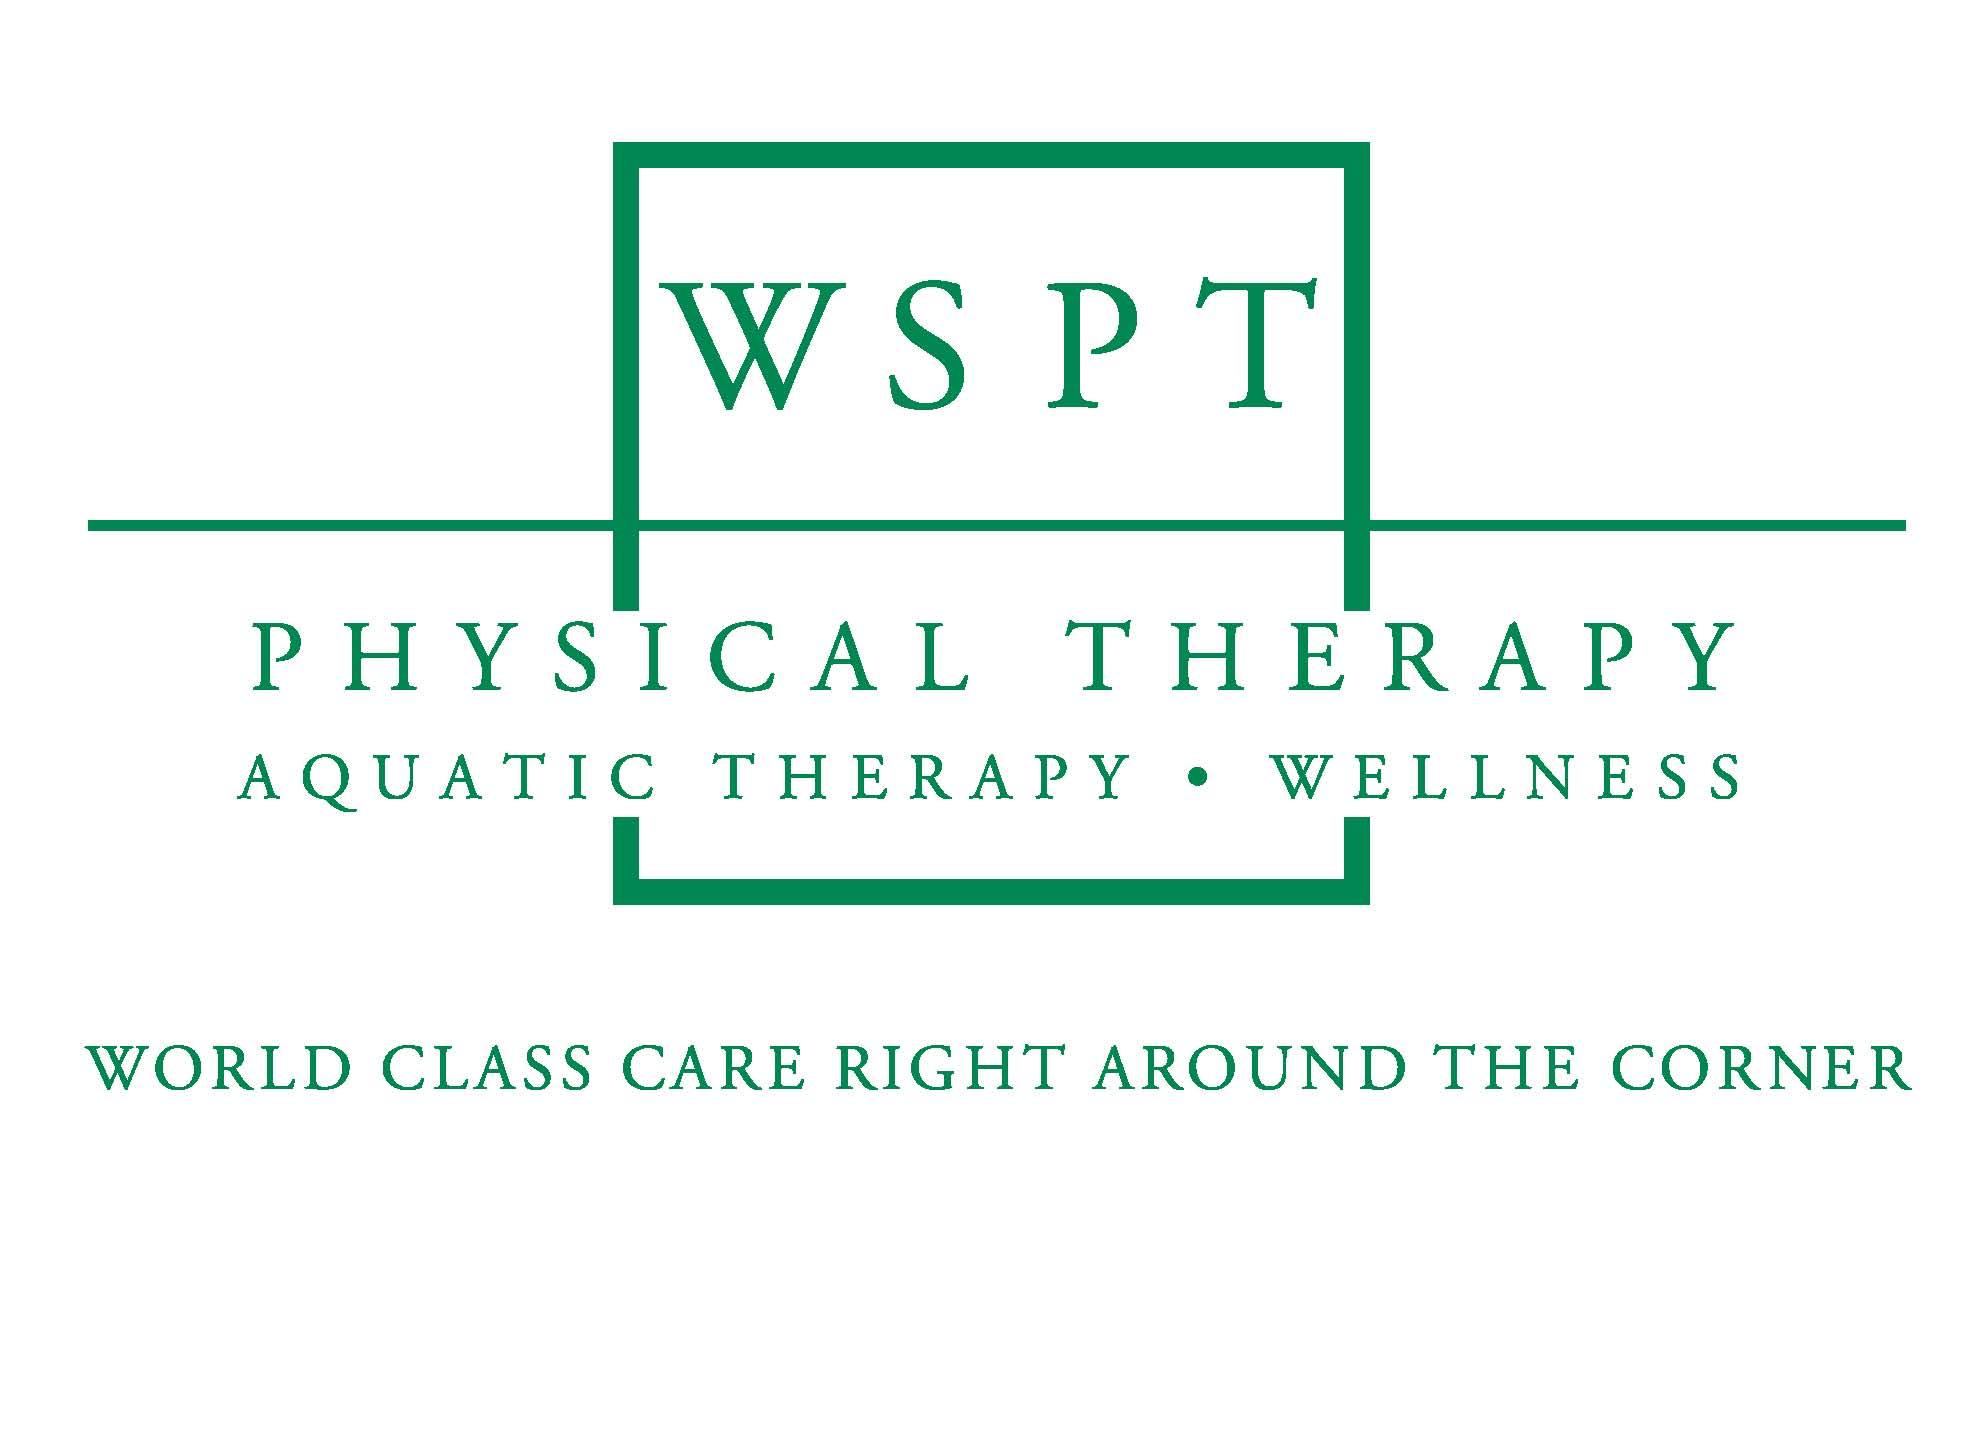 wspt one color logo.jpg